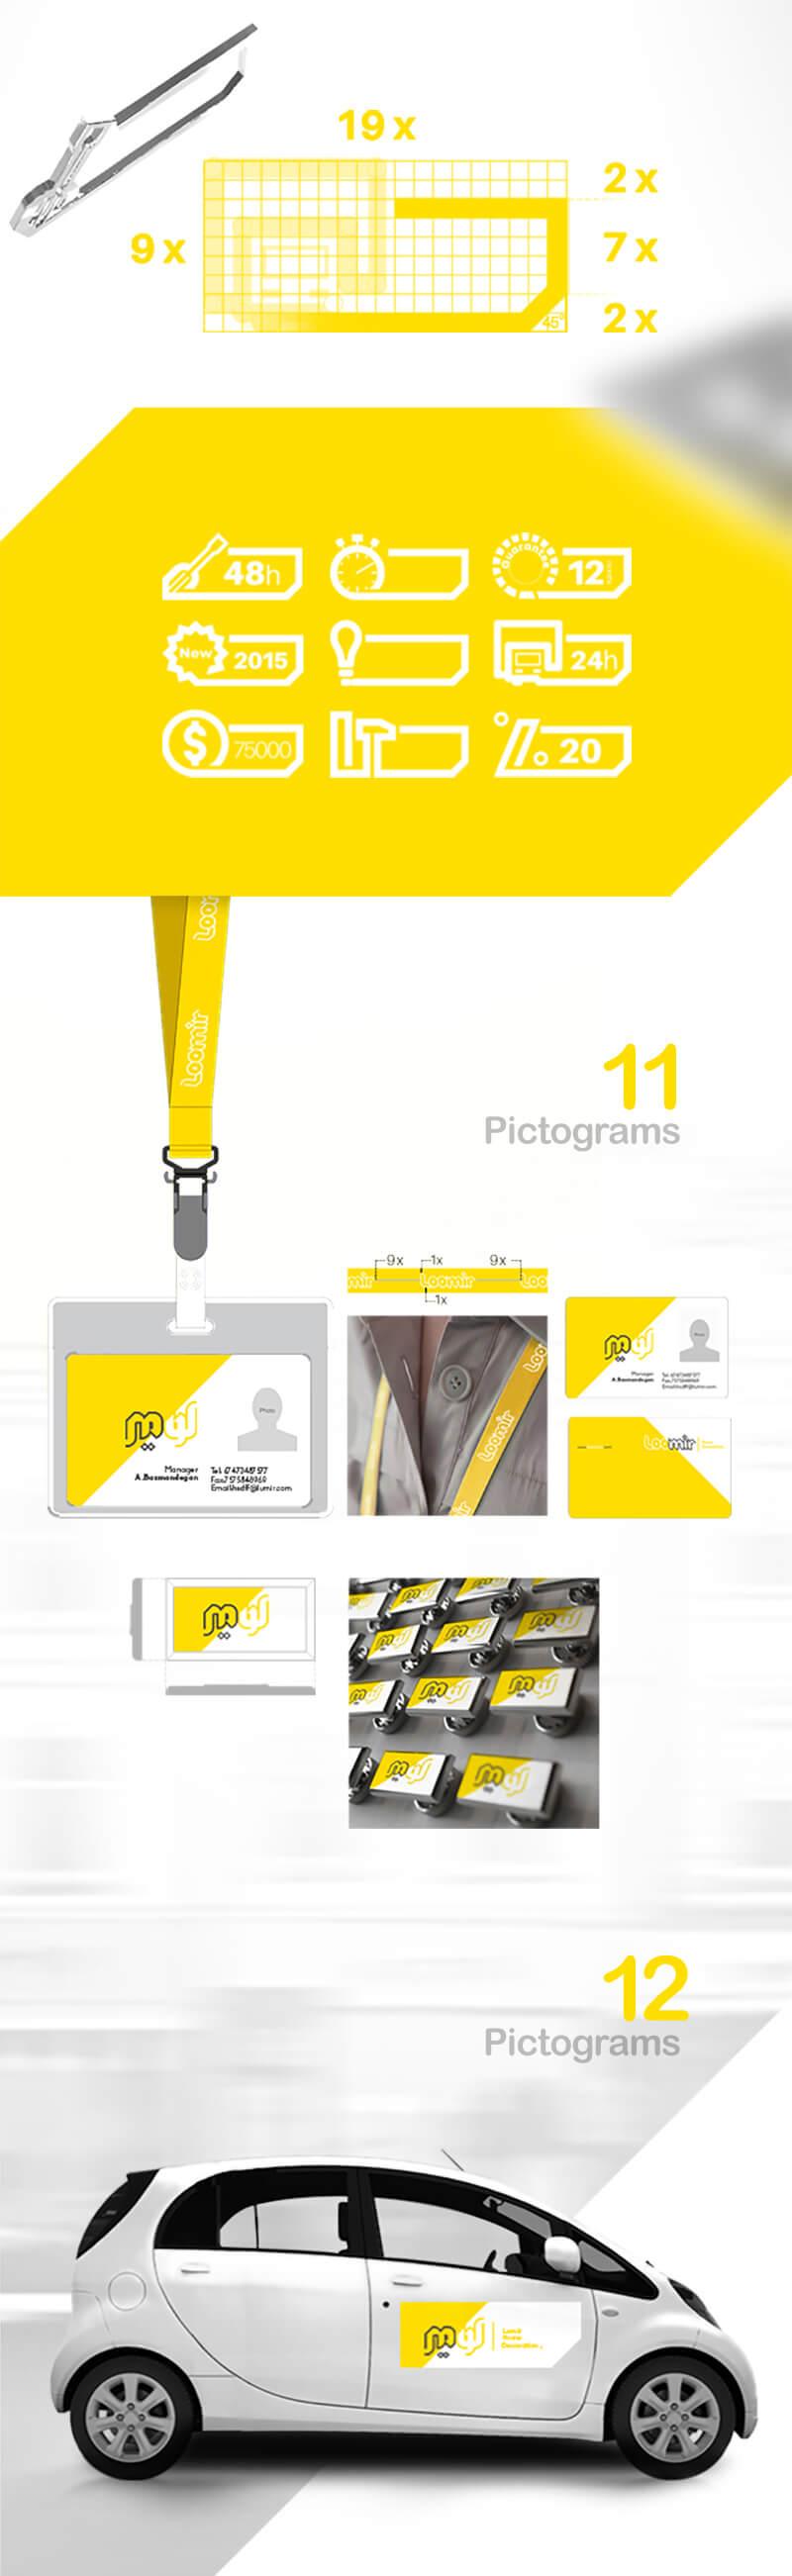 هویت بصری لومیر 6، لومیر، هویت بصری، طراحی لوگو، طراحی لوگوتایپ، طراحی ست اداری، طراحی اوراق اداری، شرکت تبلیغاتی الف، طراحی هویت بصری